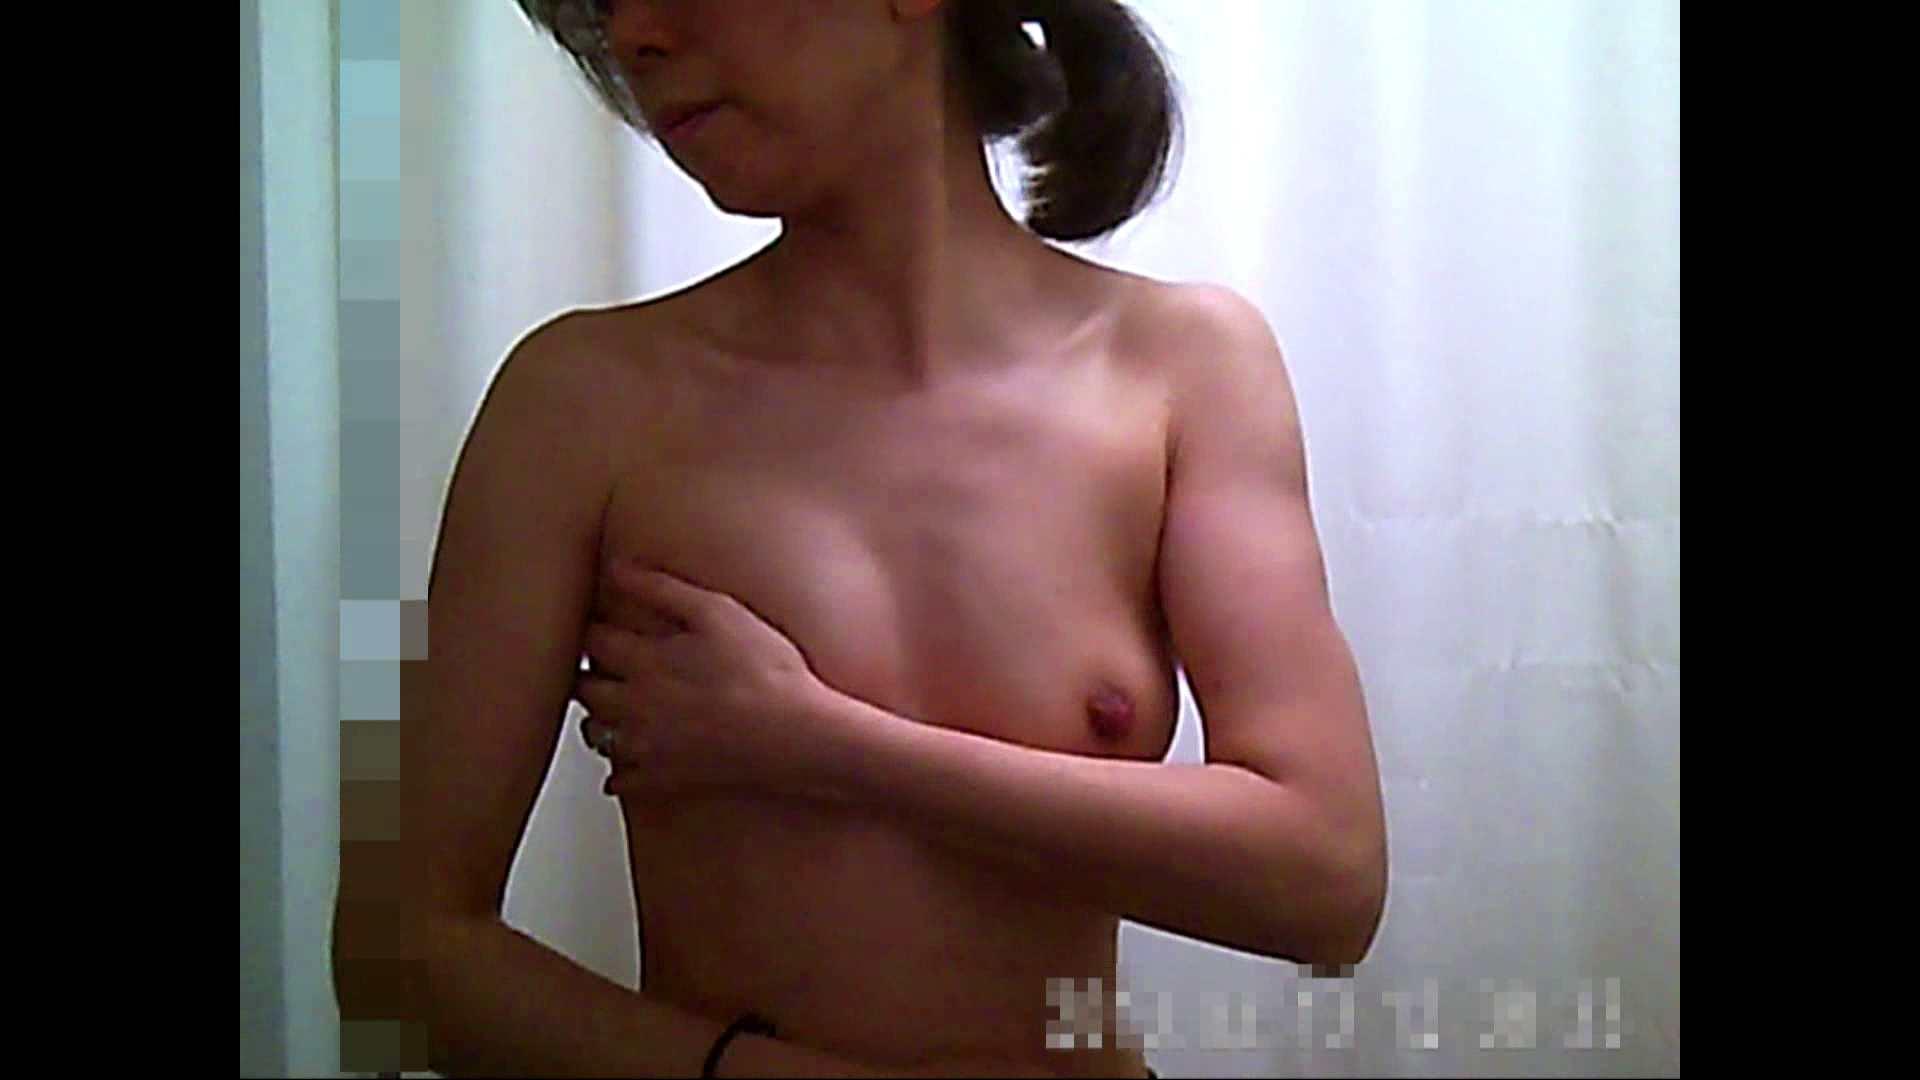 元医者による反抗 更衣室地獄絵巻 vol.098 OL | 0  98連発 90